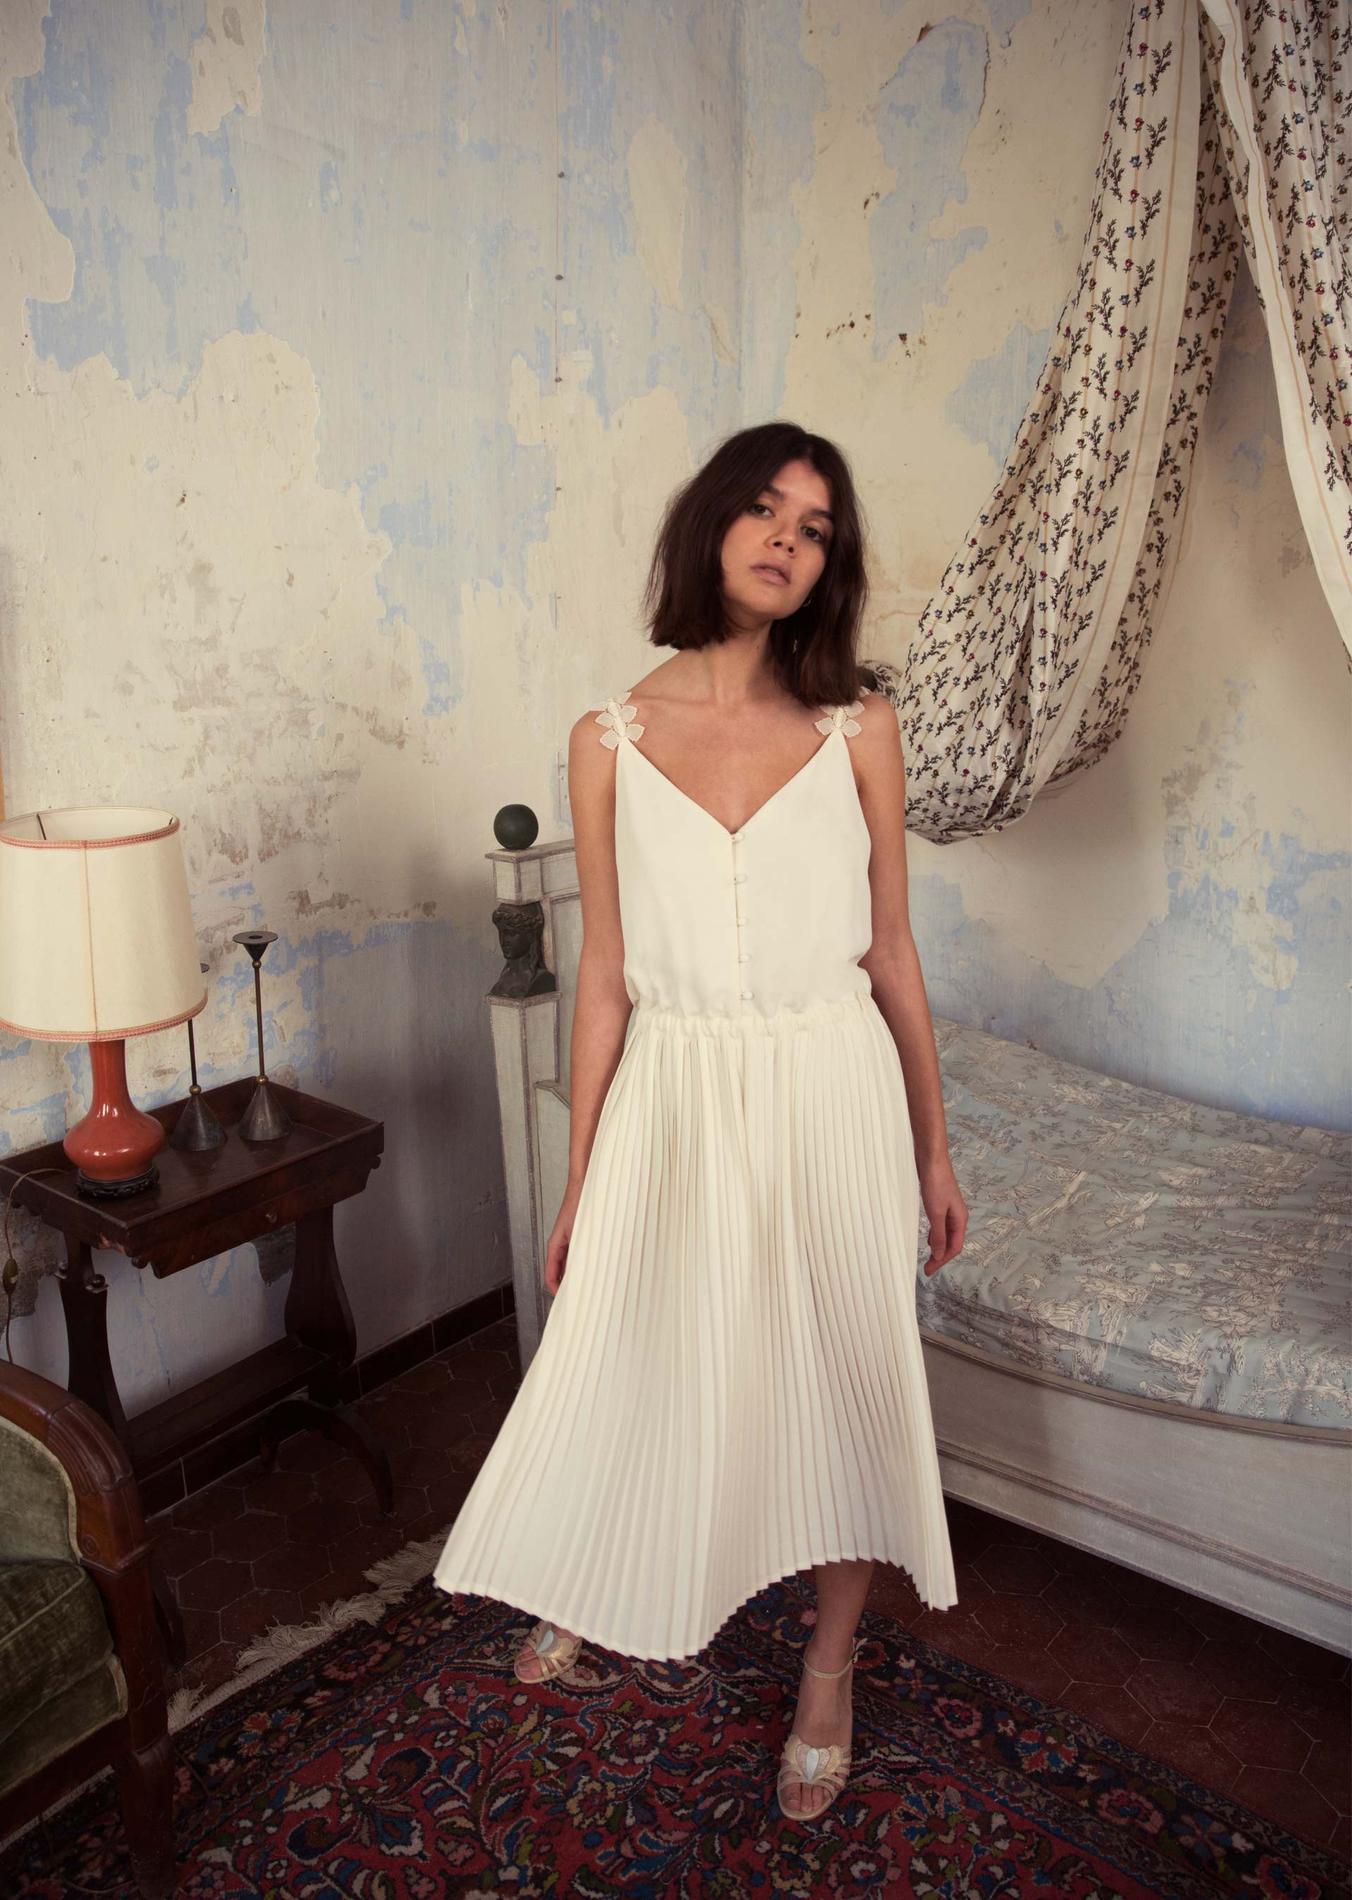 Dévoile Sa Madame Collection Robes Mariée Oui Sessùn De 2018 PX80wNnOk